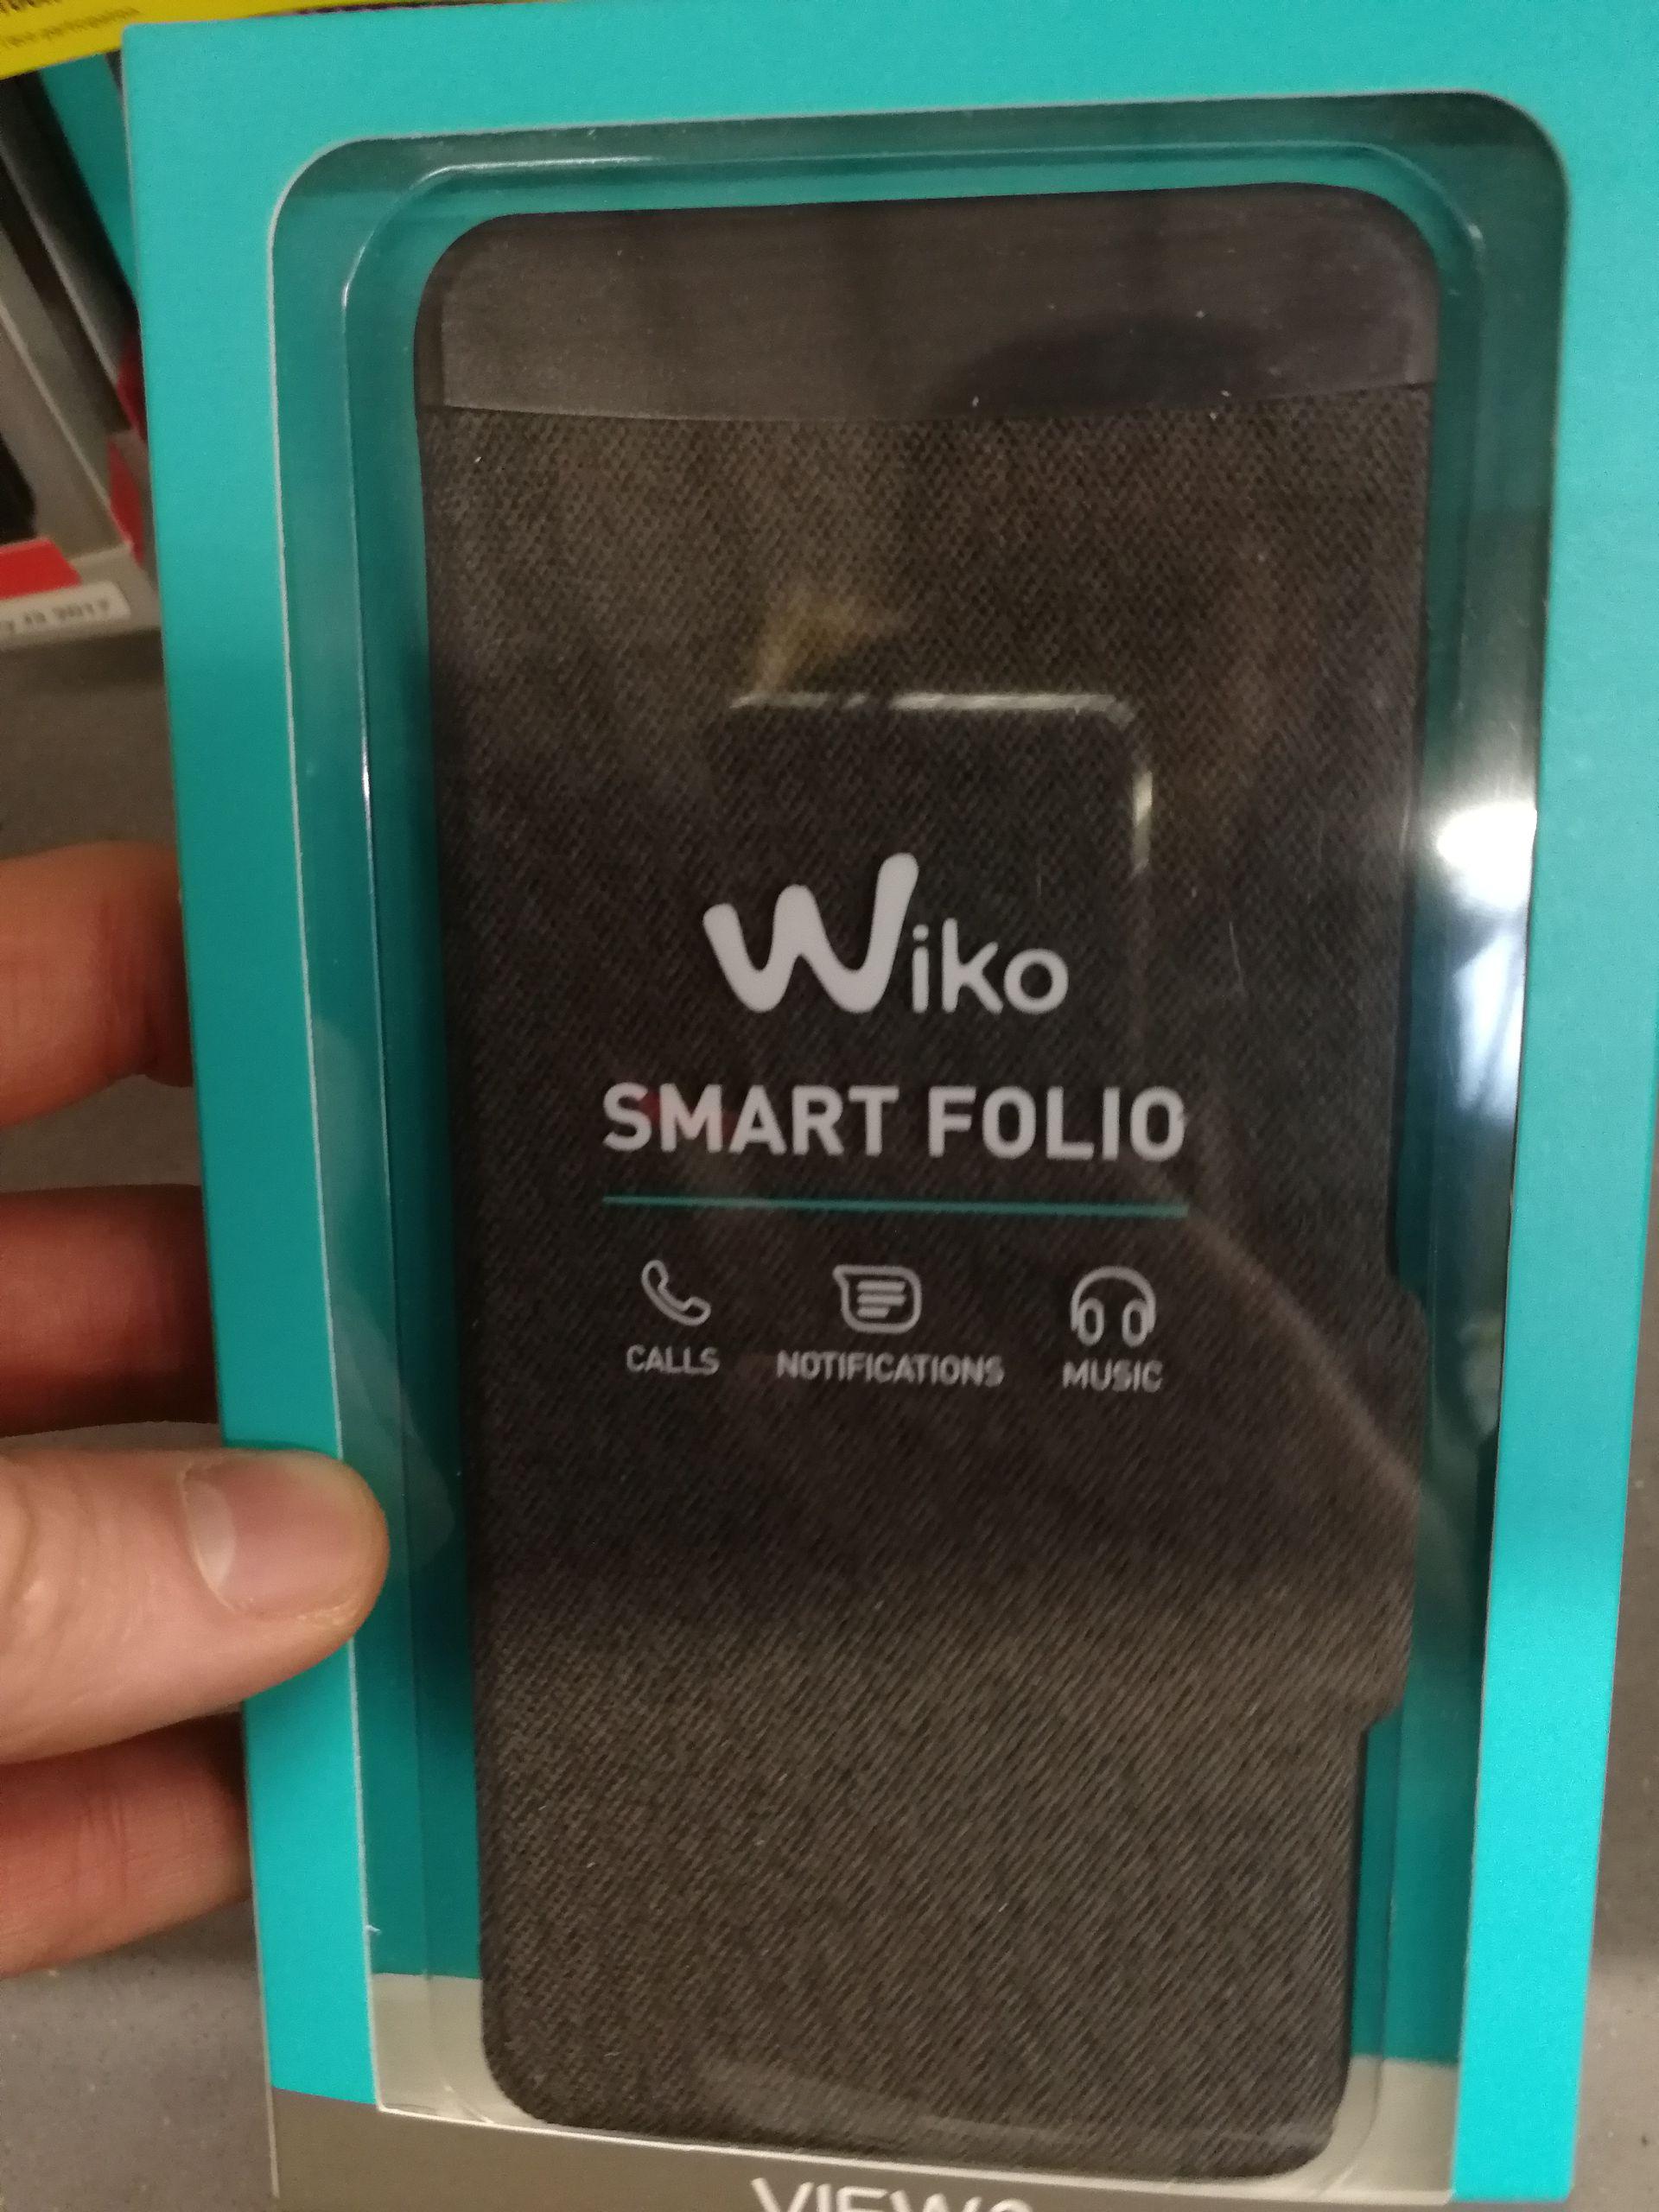 Étui de protection pour smartphone Wiko View 2 Smart Folio - Haubourdin (59)